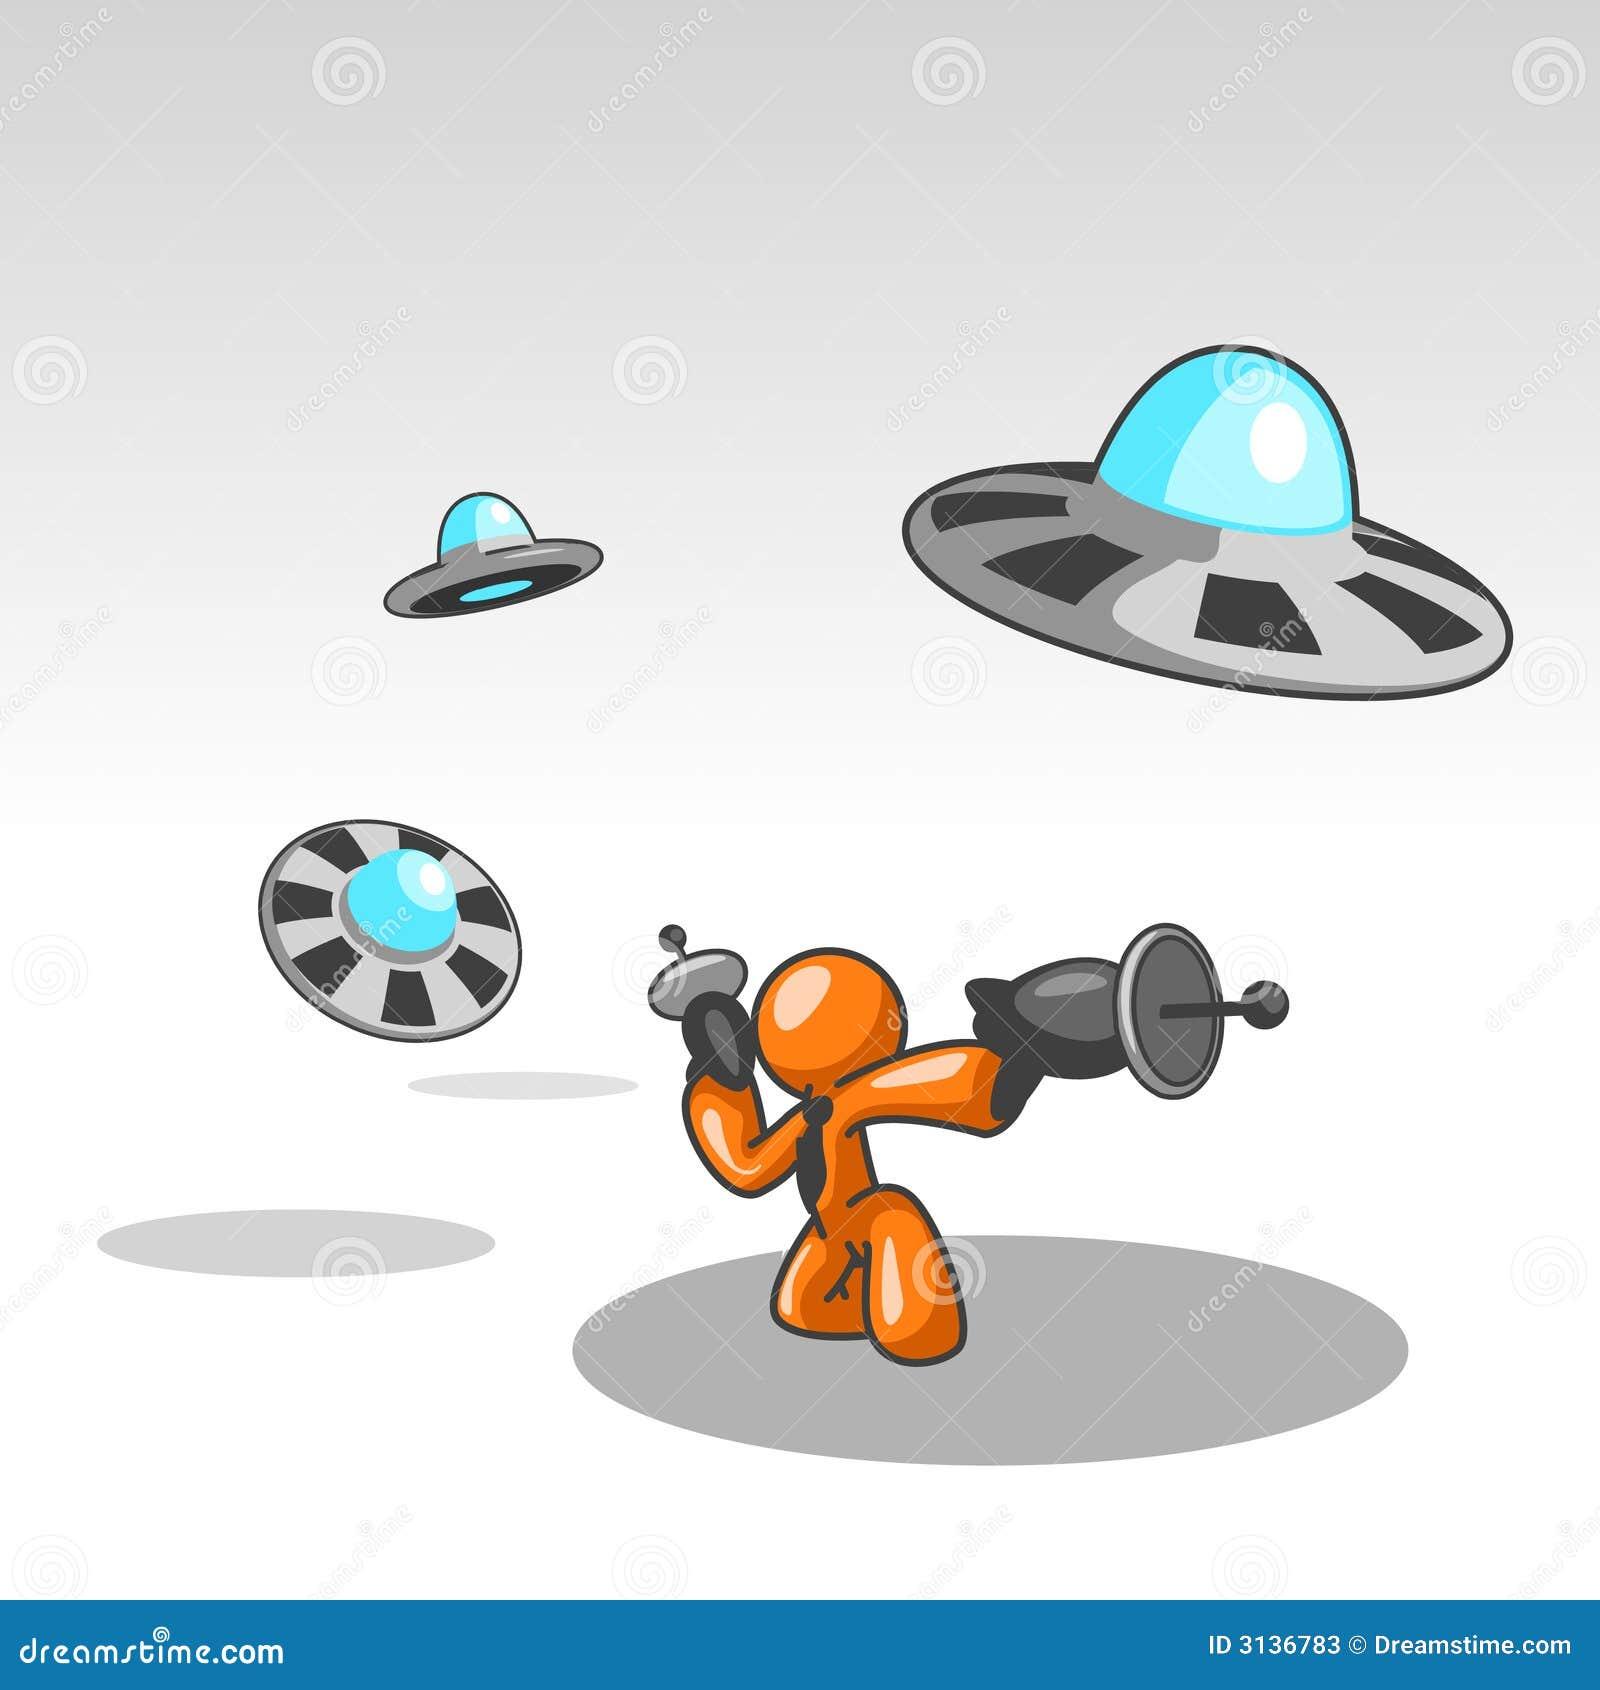 Fightinf UFOs